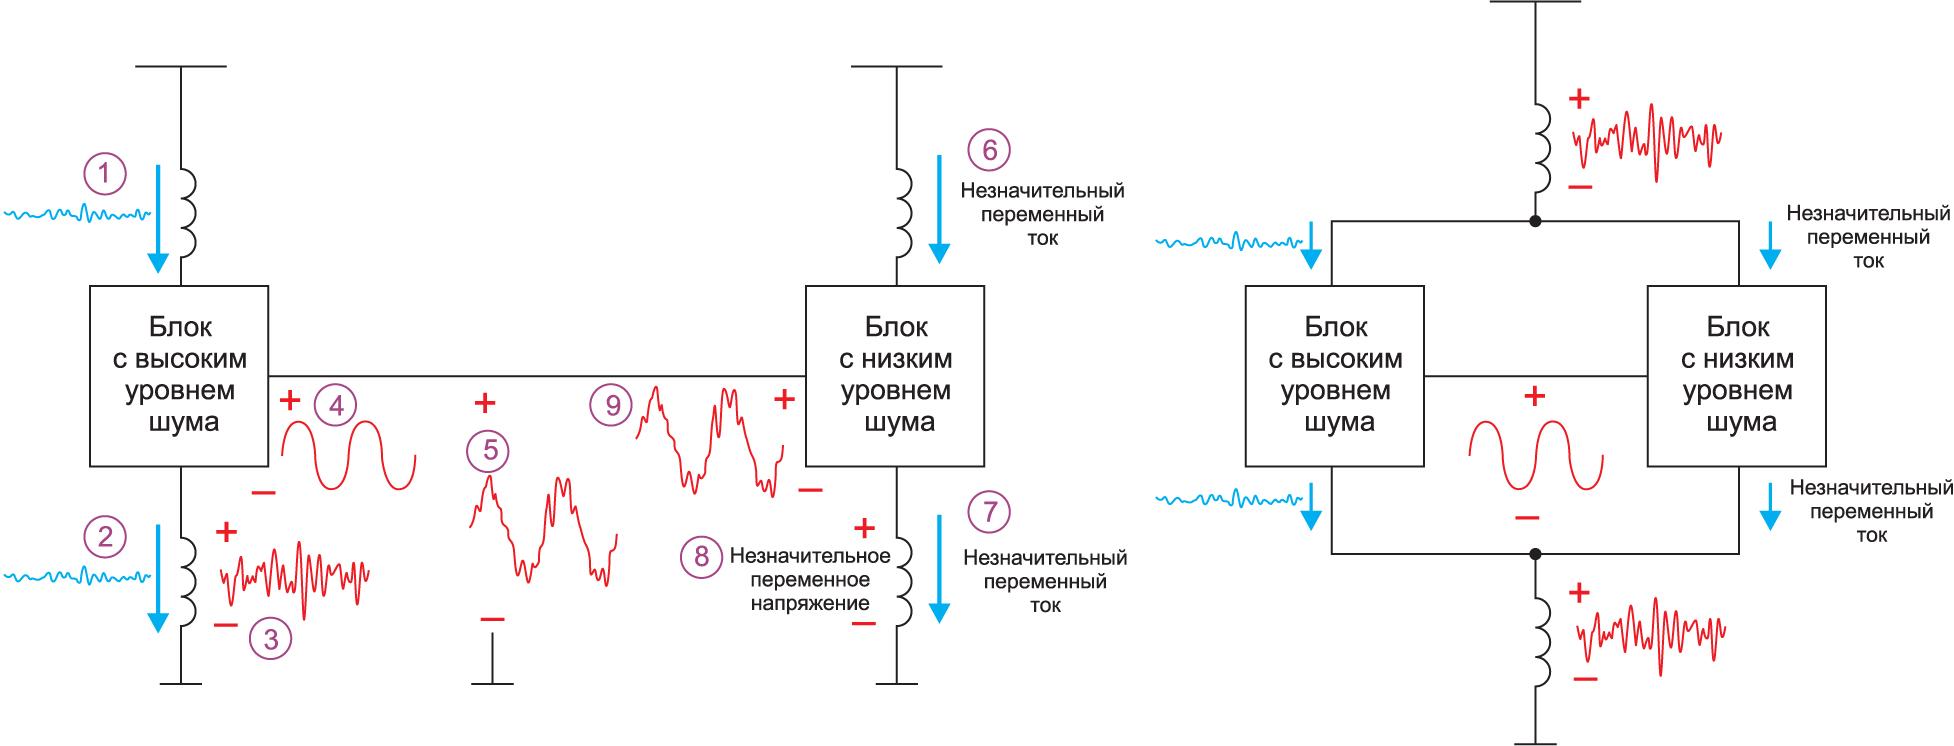 Если участки схемы имеют раздельные уровни земли (схема слева), передаваемый сигнал серьезно искажается (этапы анализа помечены фиолетовыми кружками). При объединении земли (схема справа) сигнал передается без искажений, однако блок с низким уровнем шумов может пострадать при невысоком коэффициенте подавления нестабильности питания (PSRR)